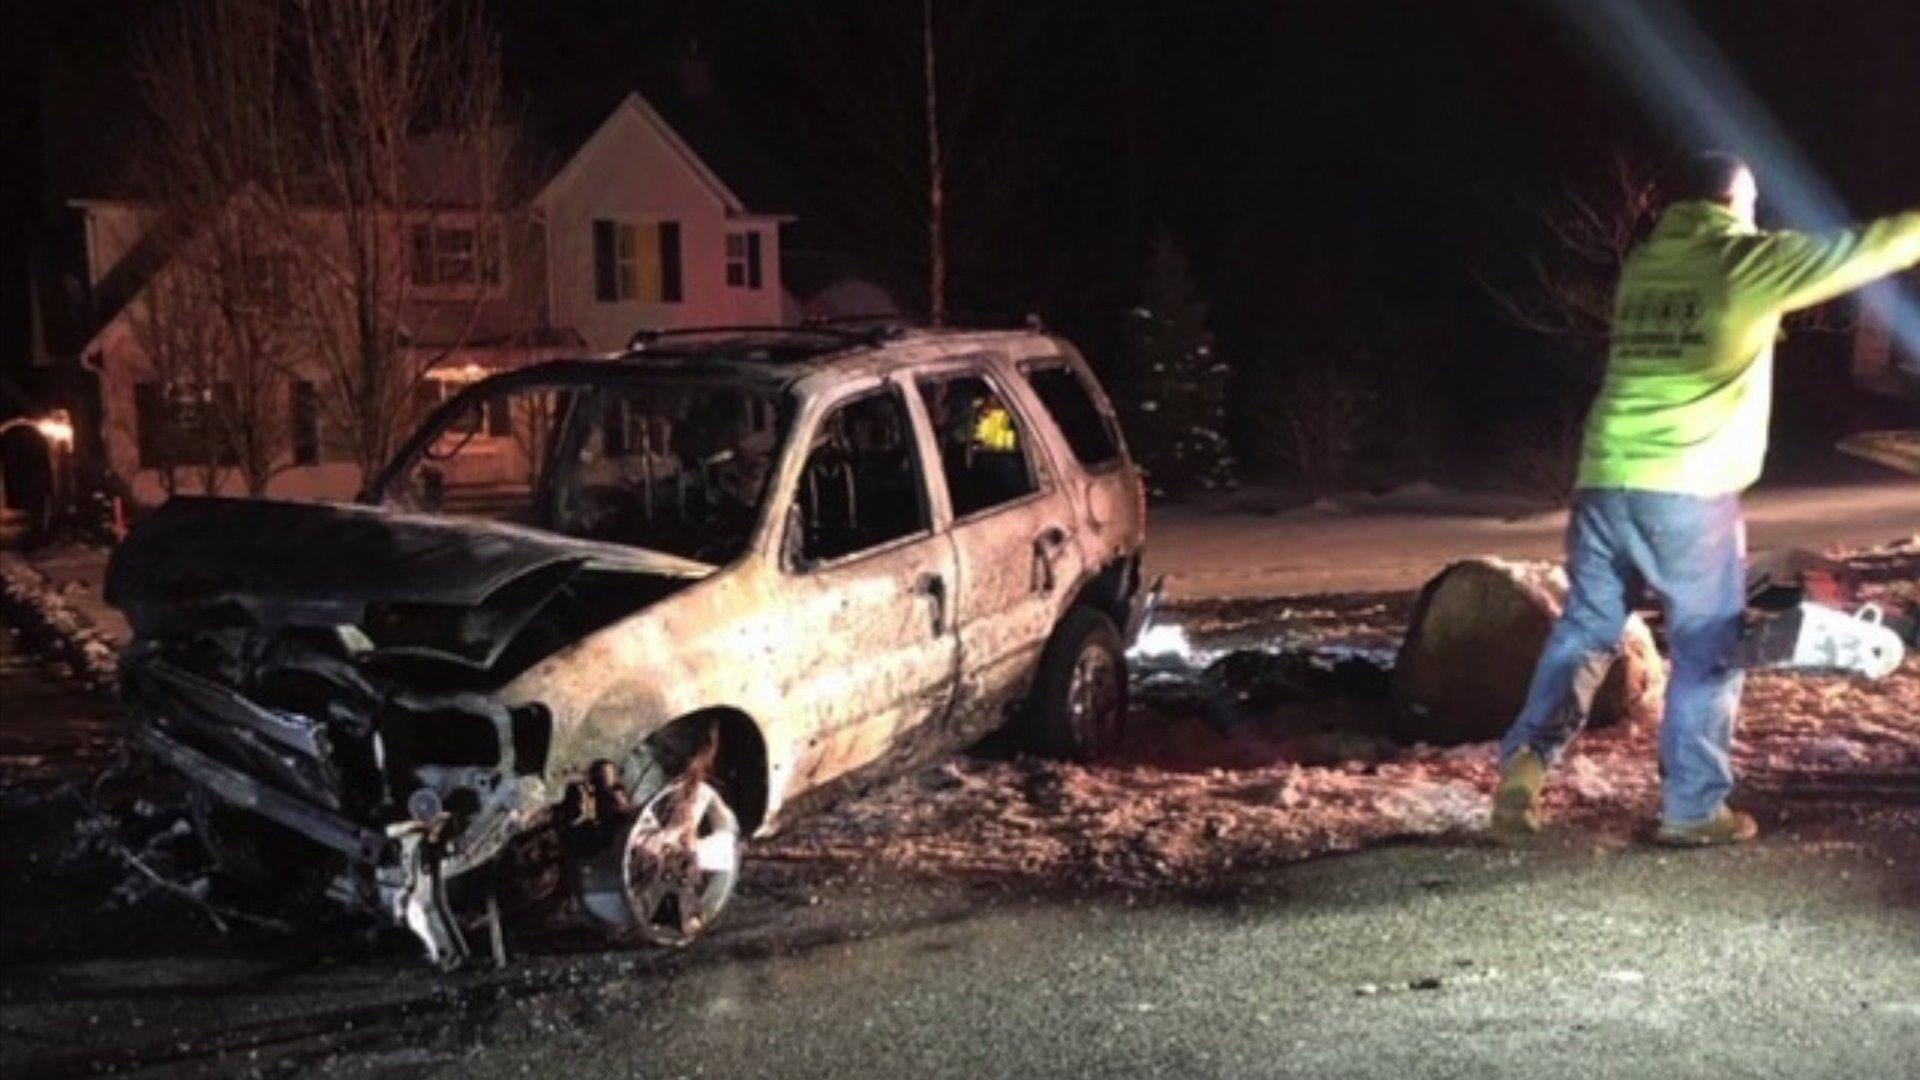 Charred car after crash